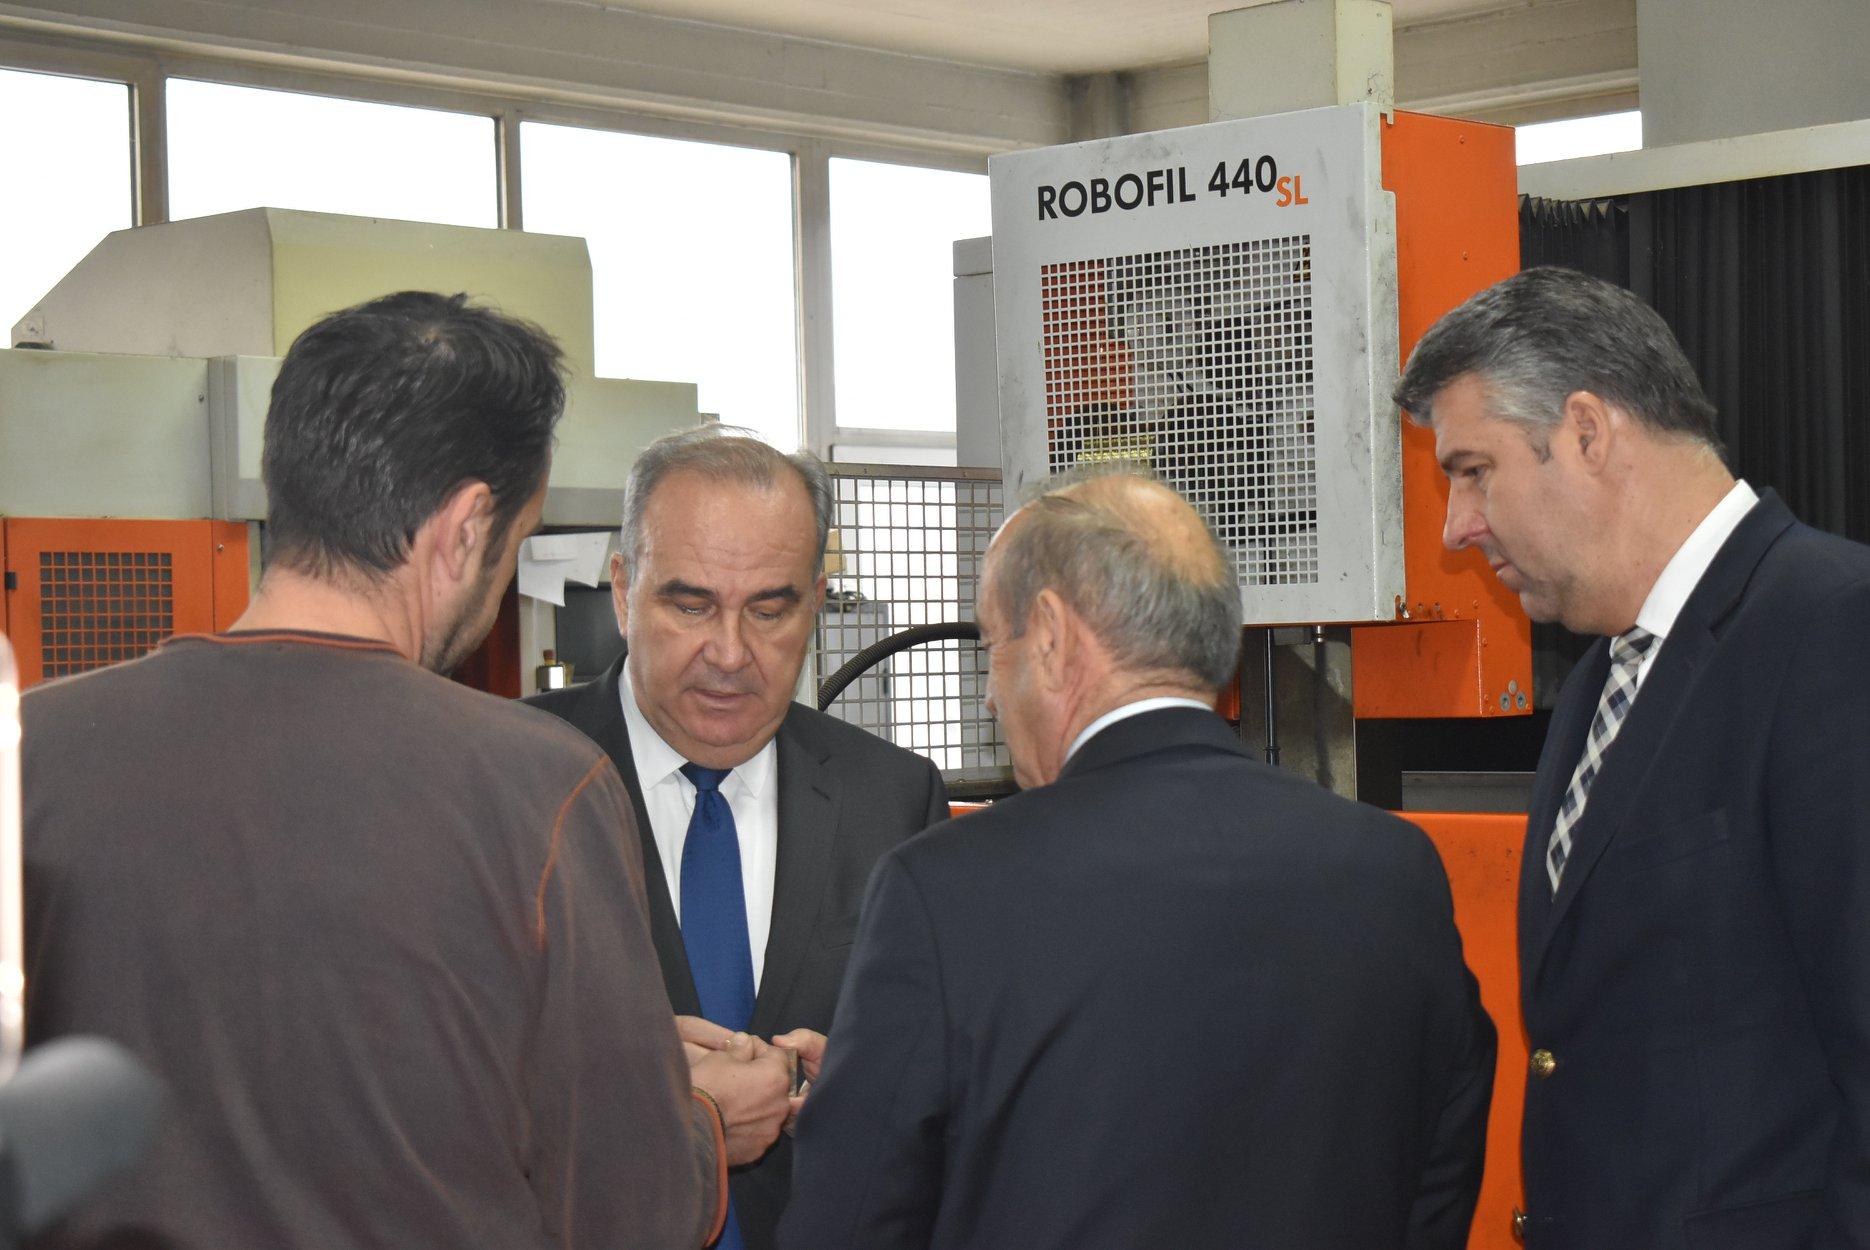 Επίσκεψη του Υφ. Βιομηχανίας και Εμπορίου Νίκου Παπαθανάση στην Αλεξανδρούπολη